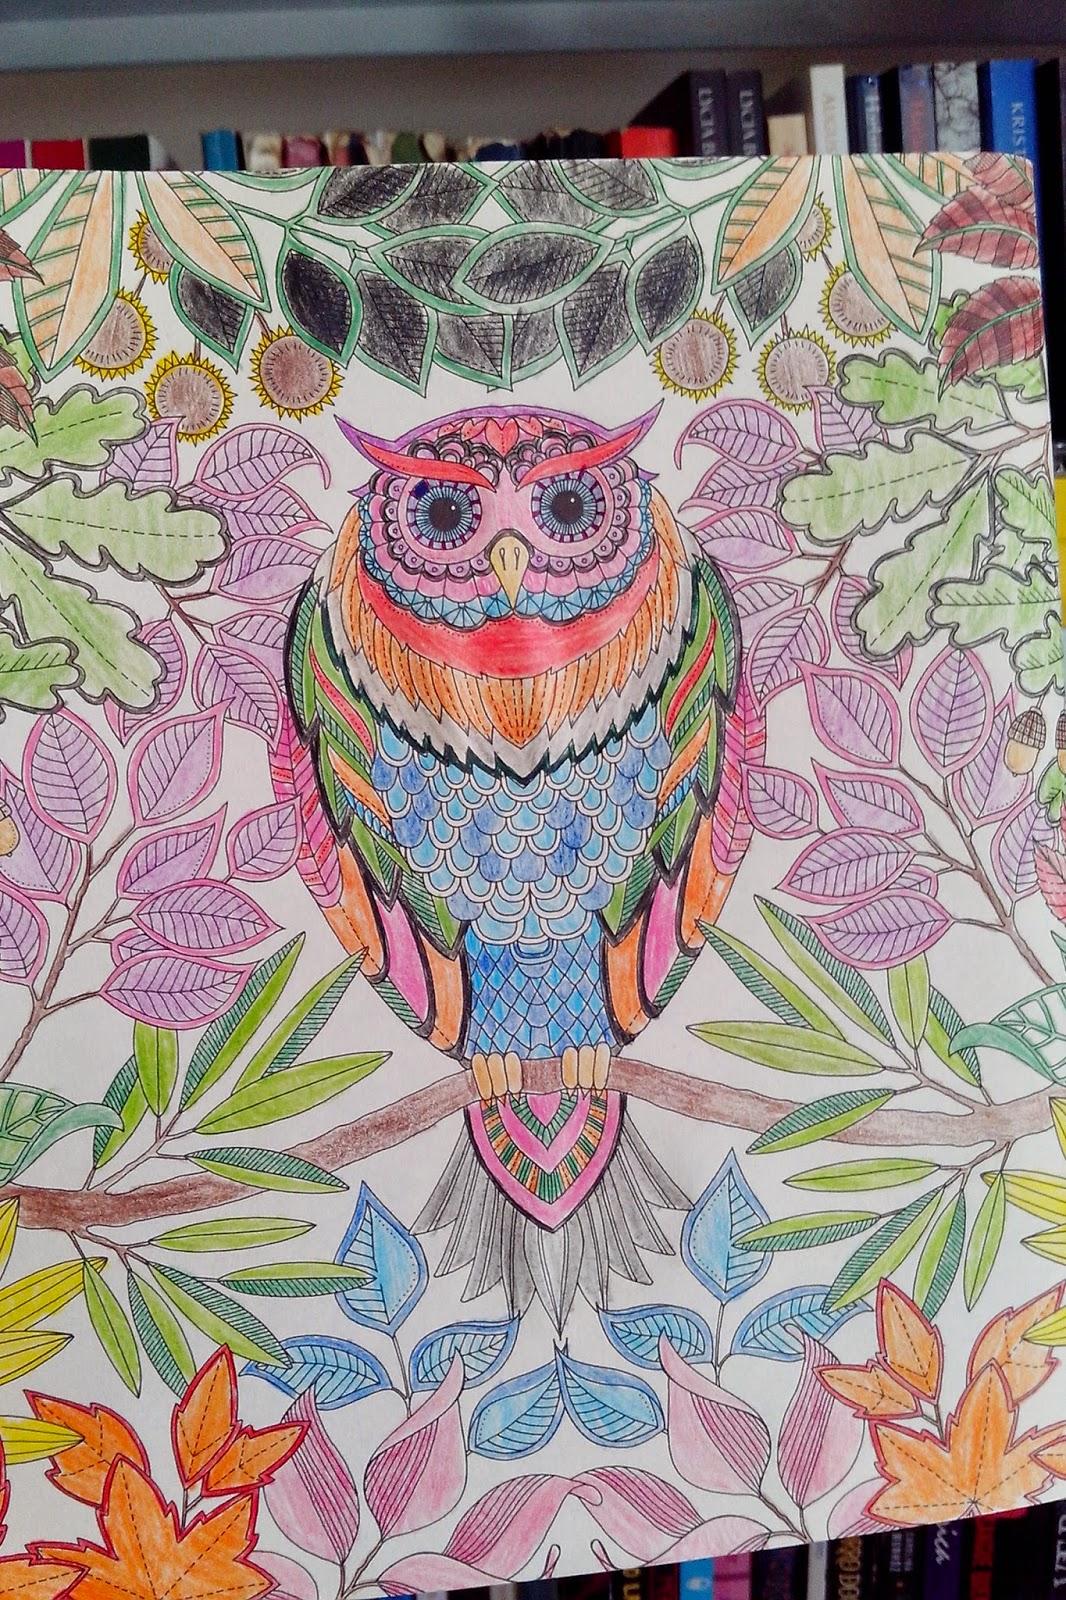 ideias para pintar livro jardim secretode abril de 2015